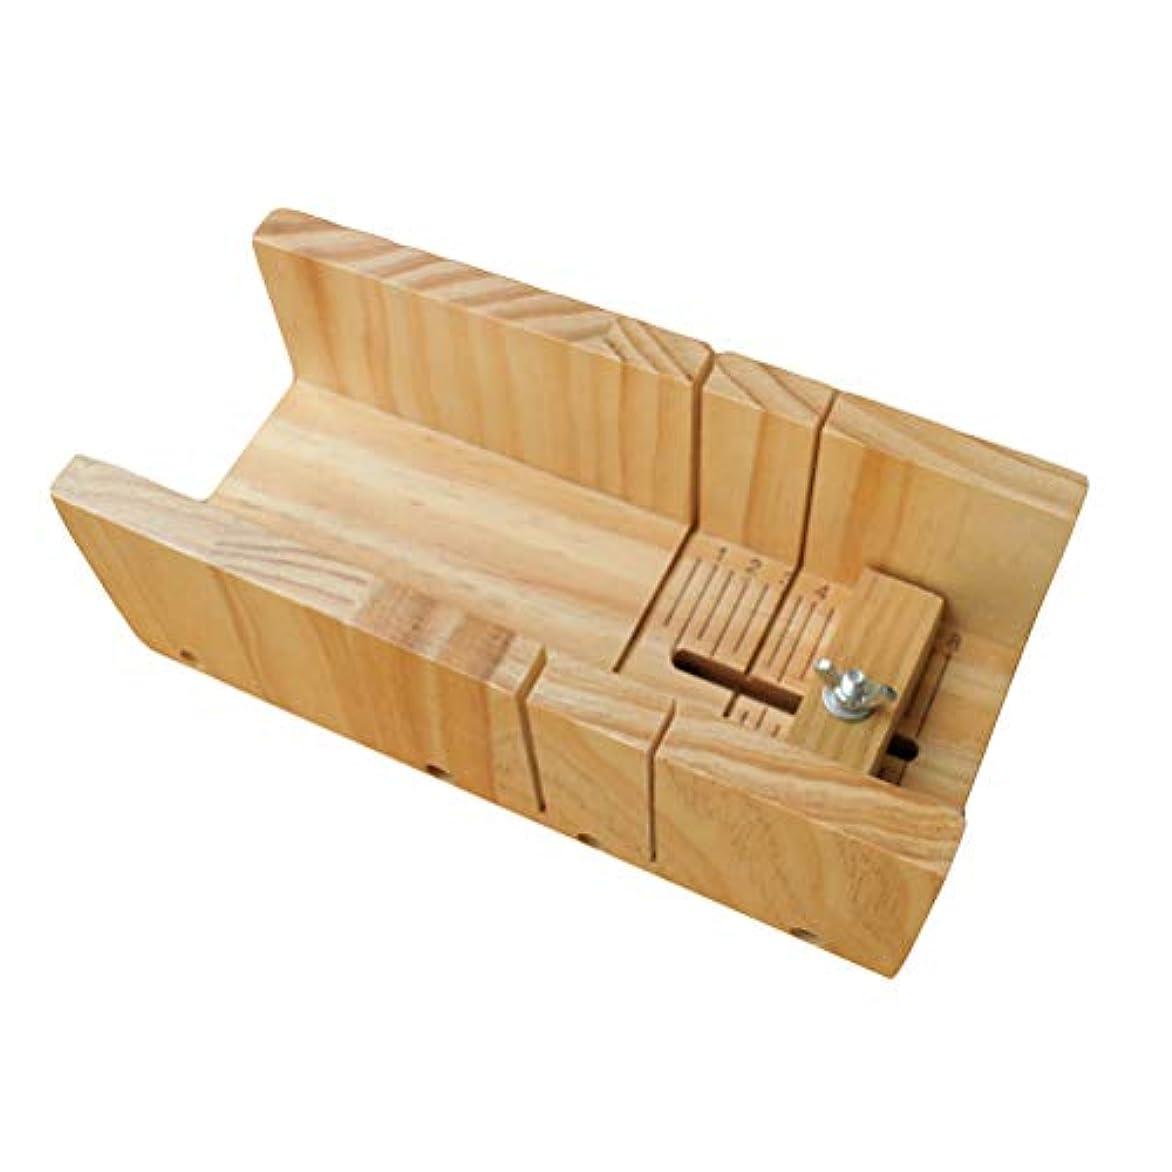 繊細代理人引っ張るOUNONA ウッドソープロープカッターモールドプレミアム調整可能カッターモールドボックスソープ(木製カラー)